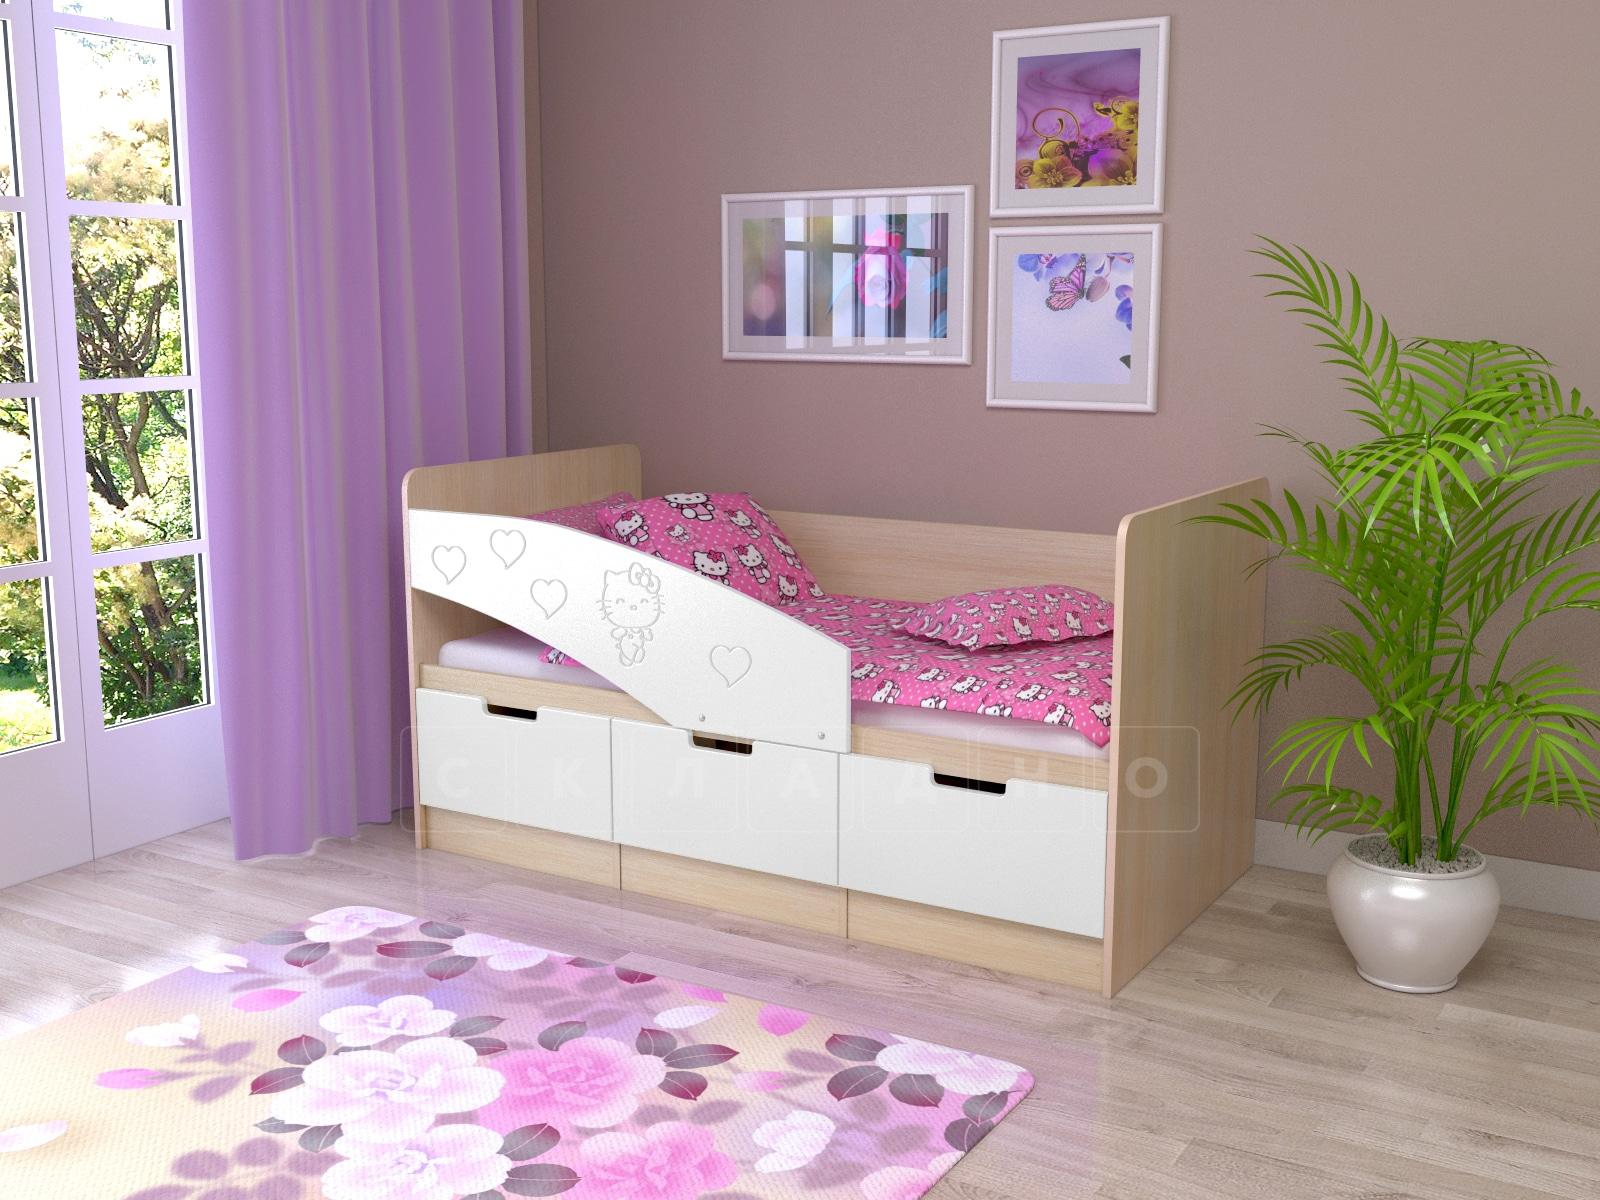 Детская кровать Бемби-7 Hello Kitty фото 5 | интернет-магазин Складно